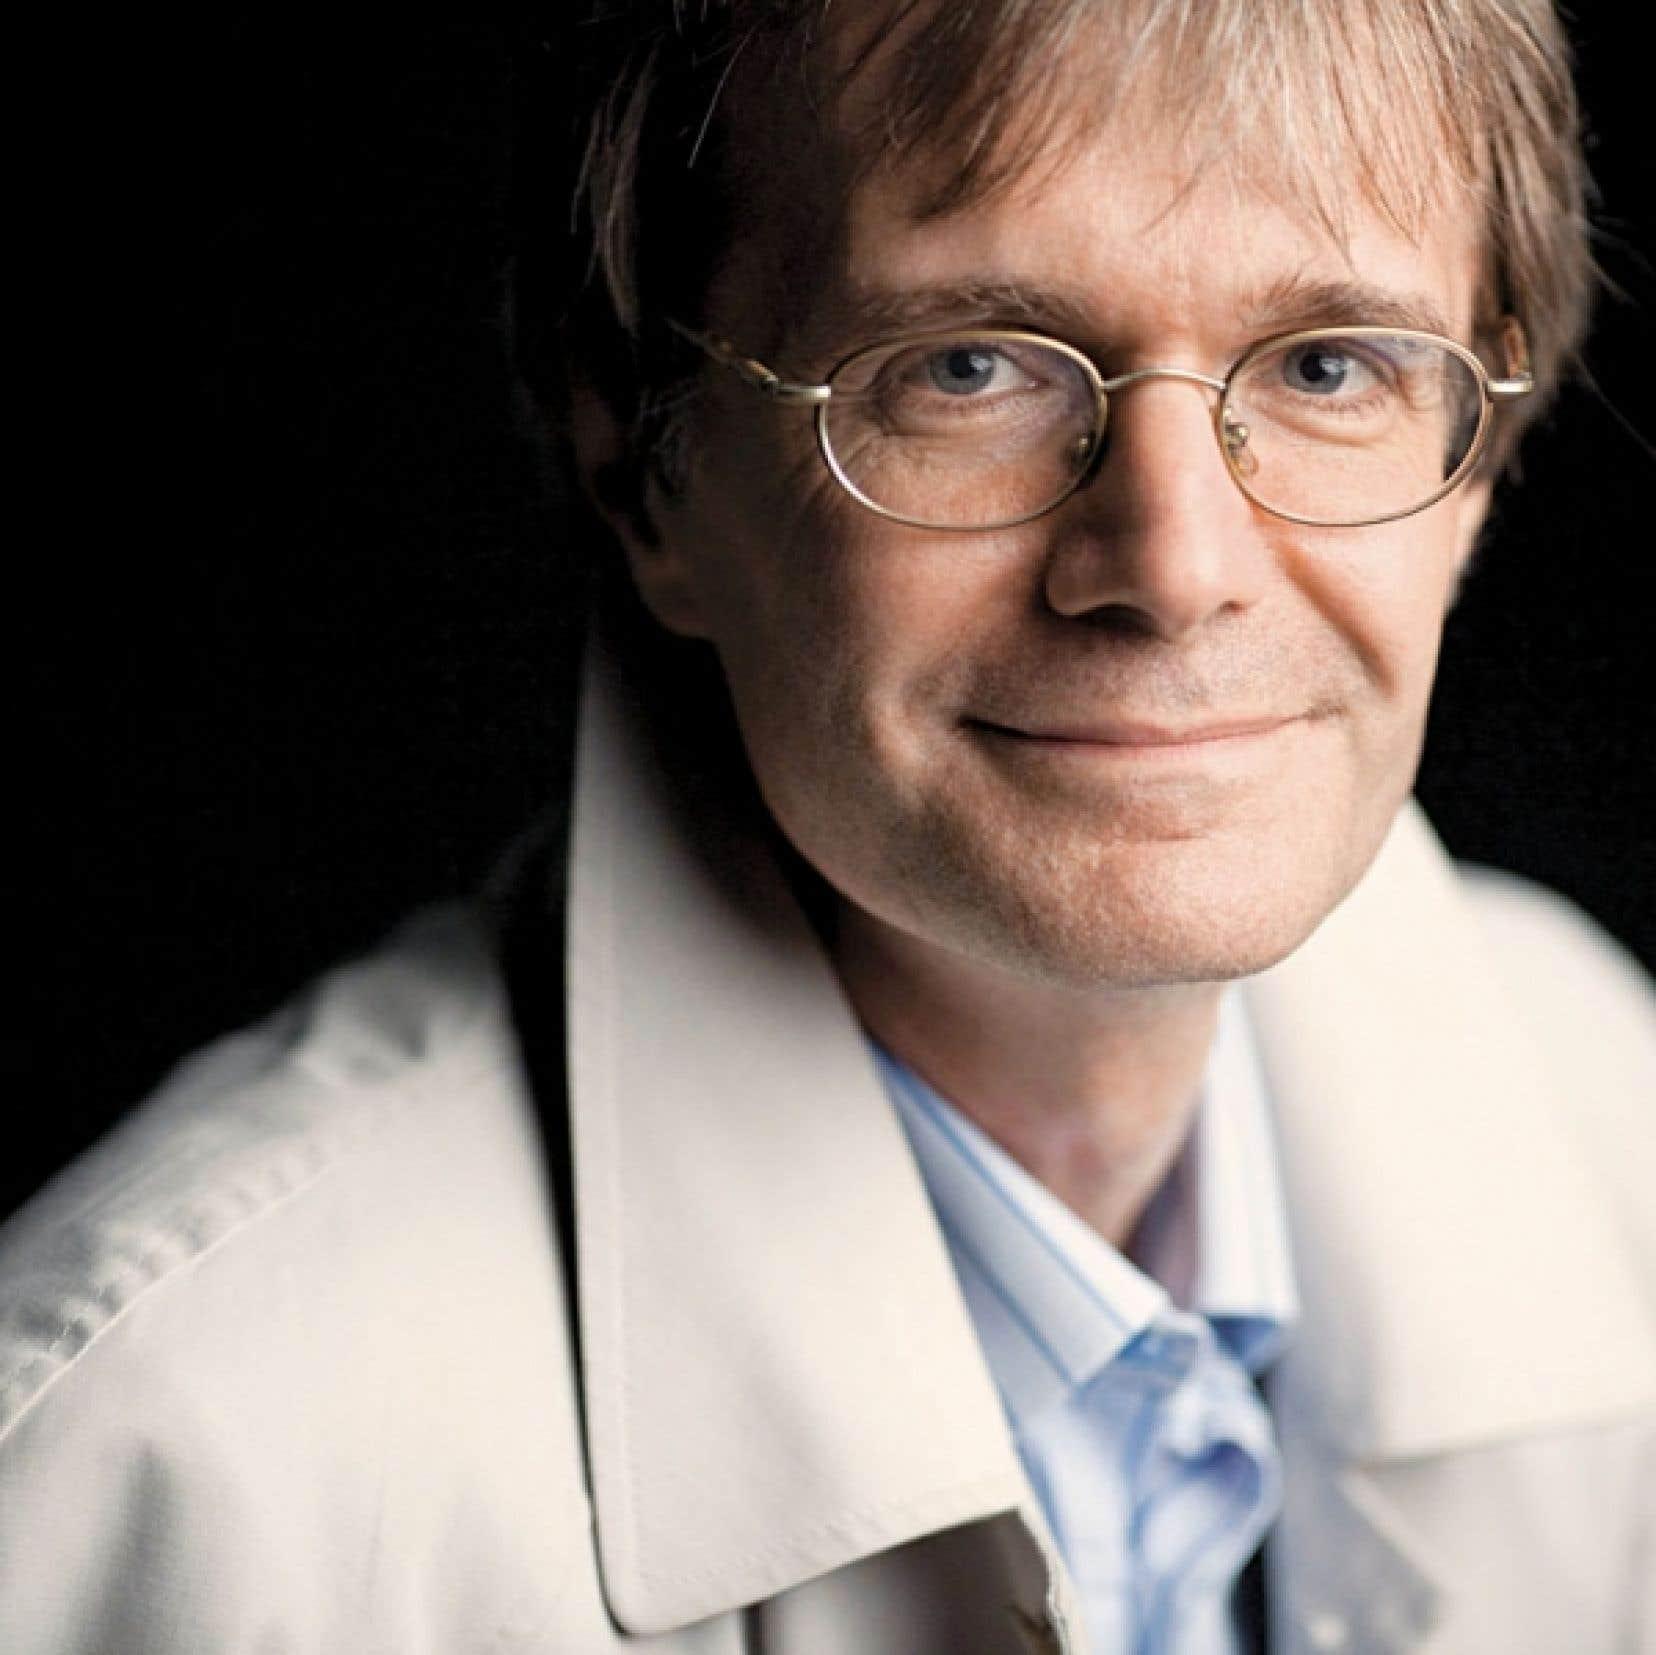 Fabio Bonizzoni fut l'un des brillants élèves de Ton Koopman en orgue baroque et au clavecin au Conservatoire royal de La Haye.